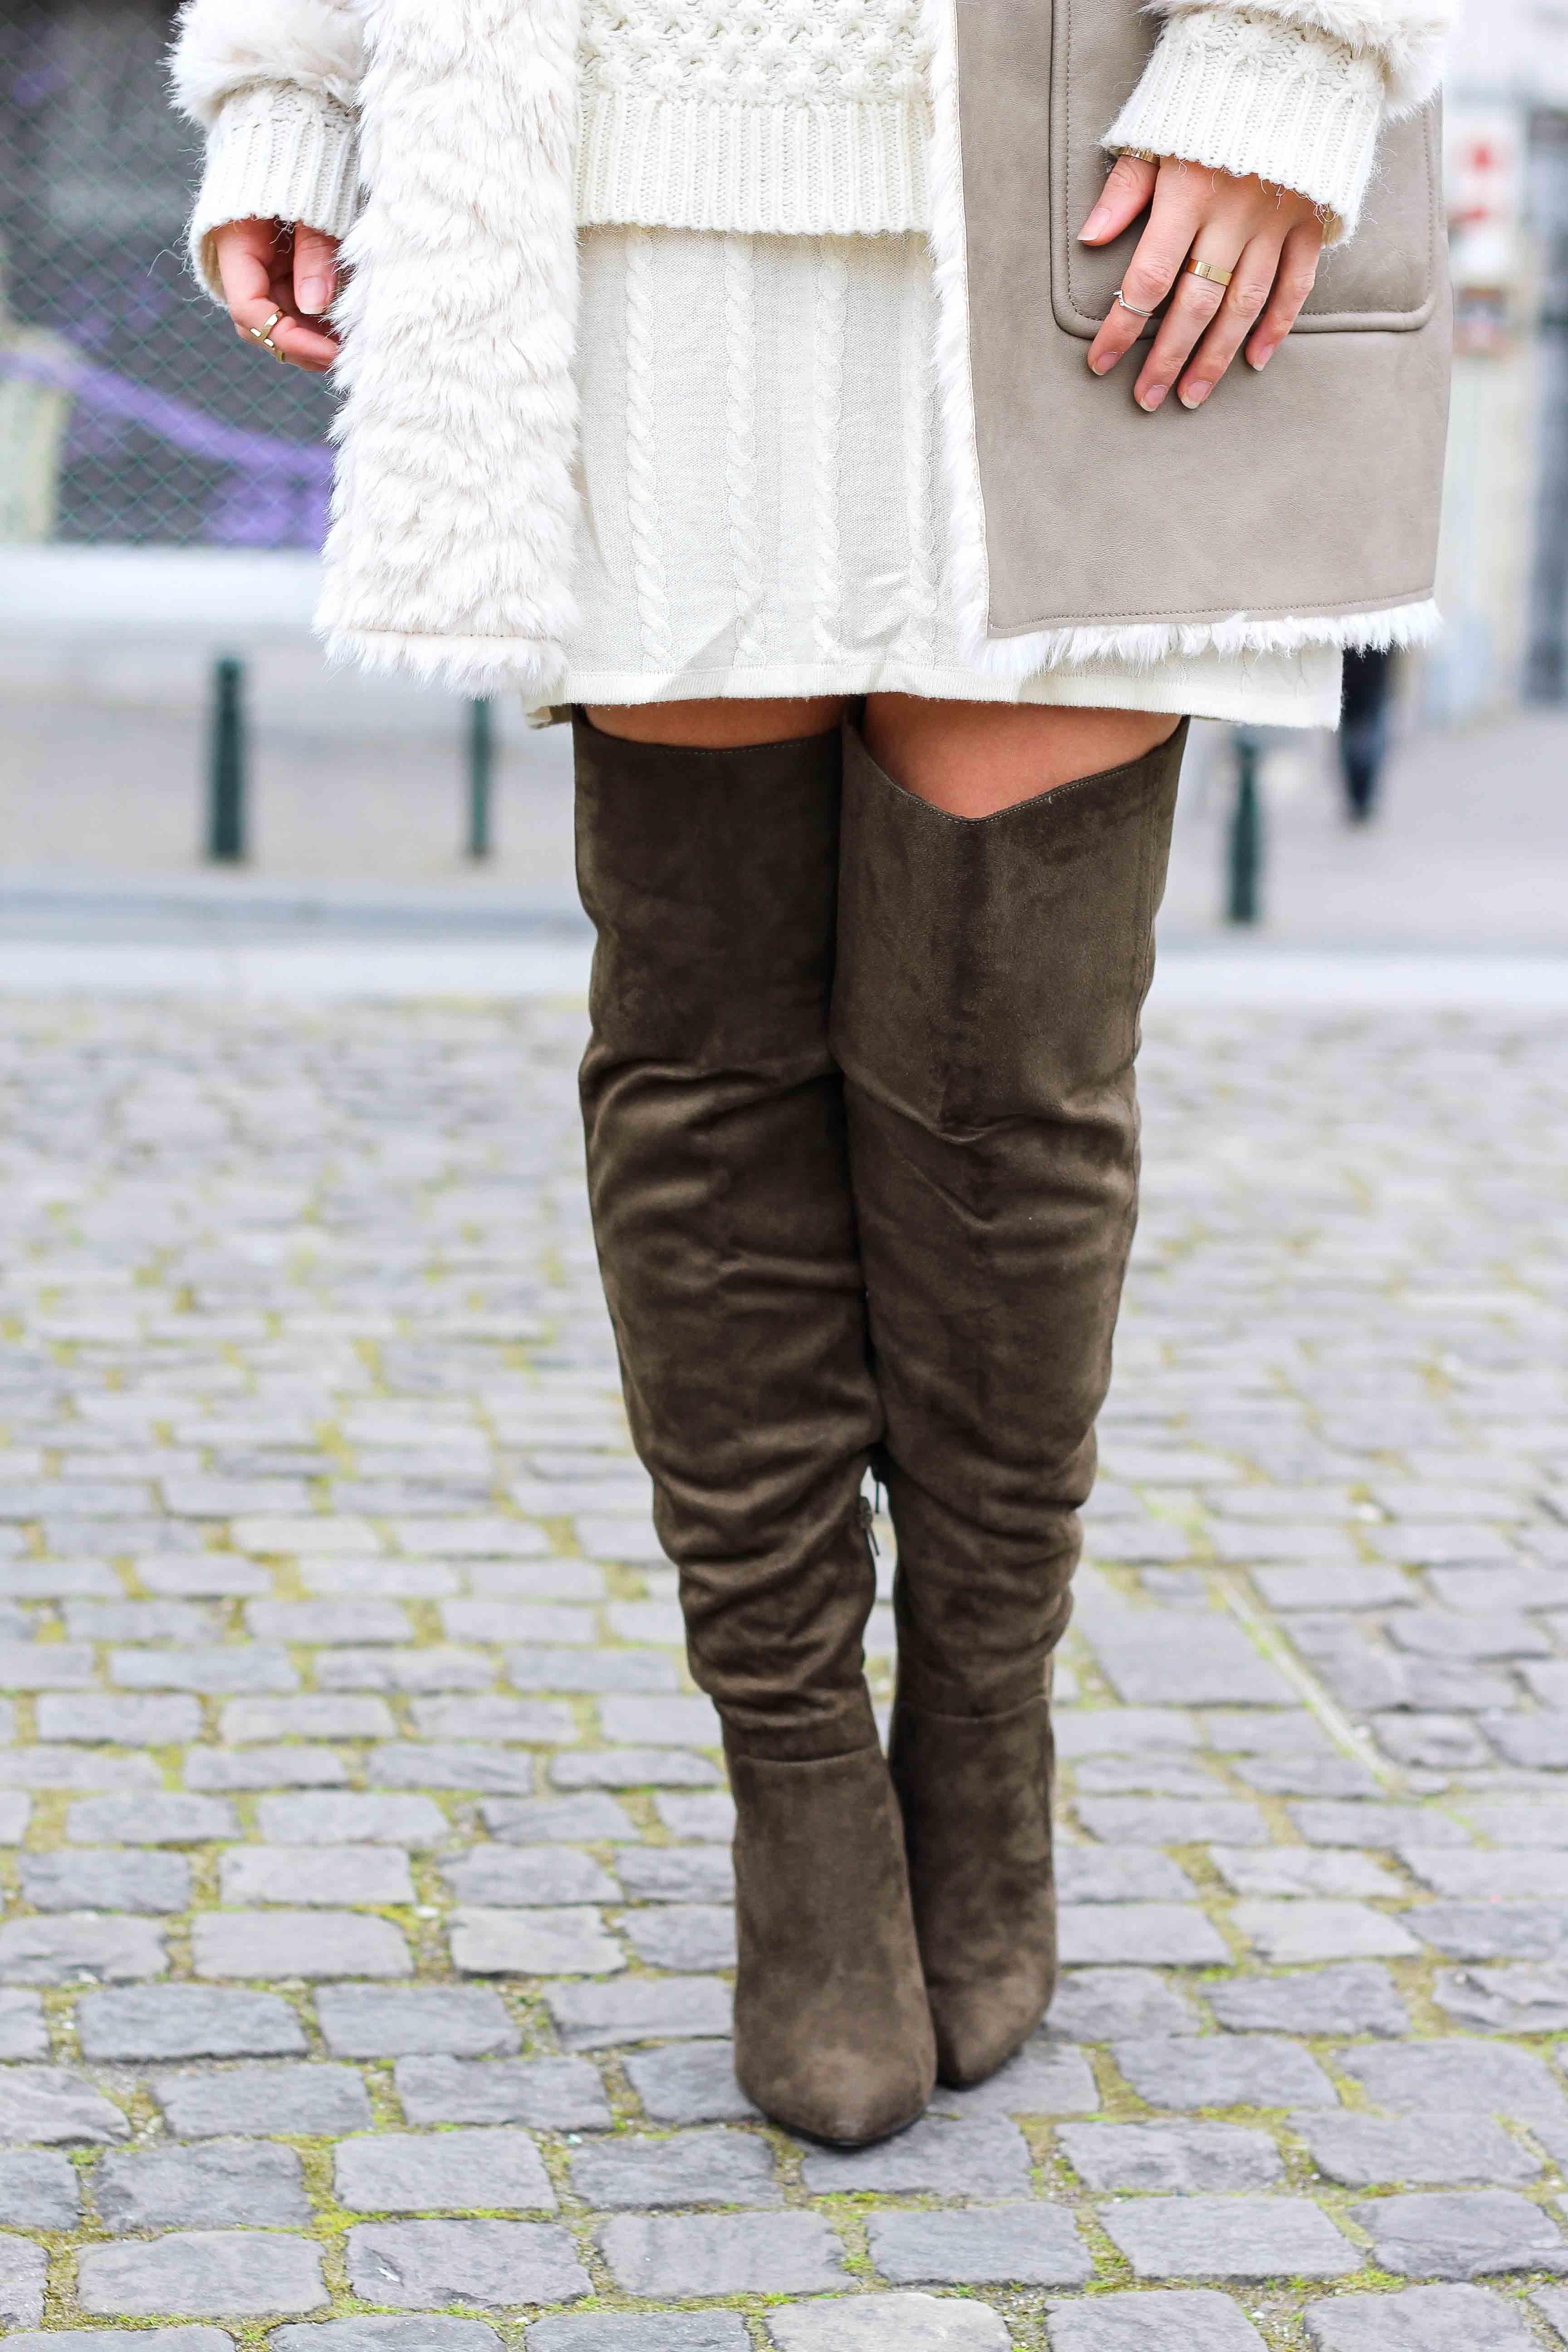 Grüne Overknees Zara Ledermantel Overknee Stiefel Nude Wollkleid Fashion Look Modeblog 92